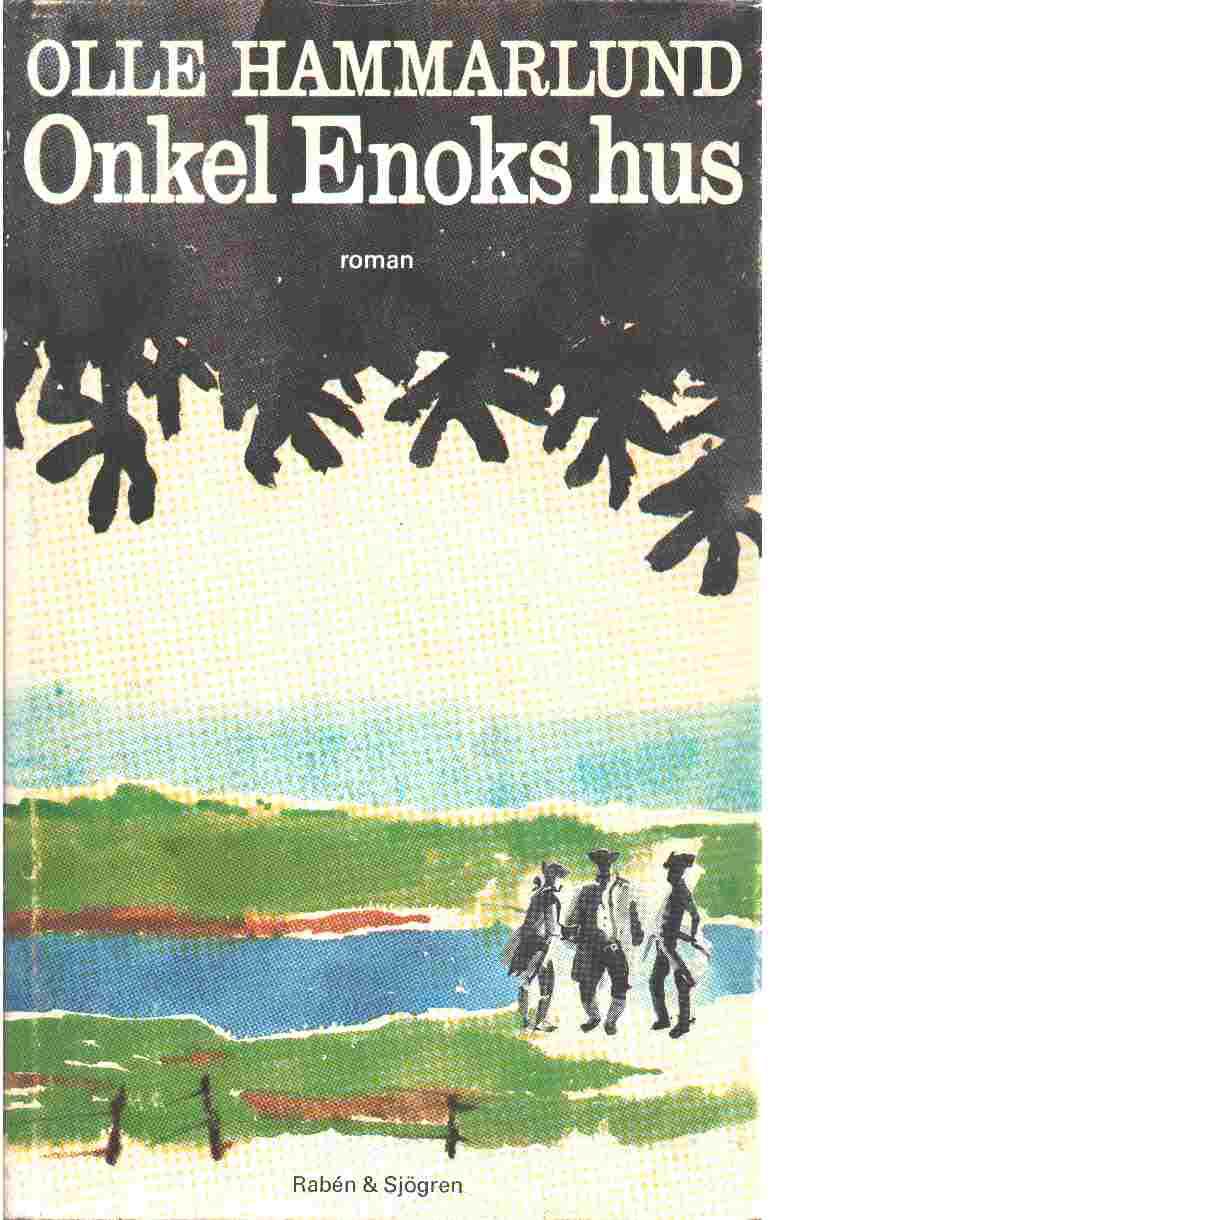 Onkel Enoks hus  - Hammarlund, Olle